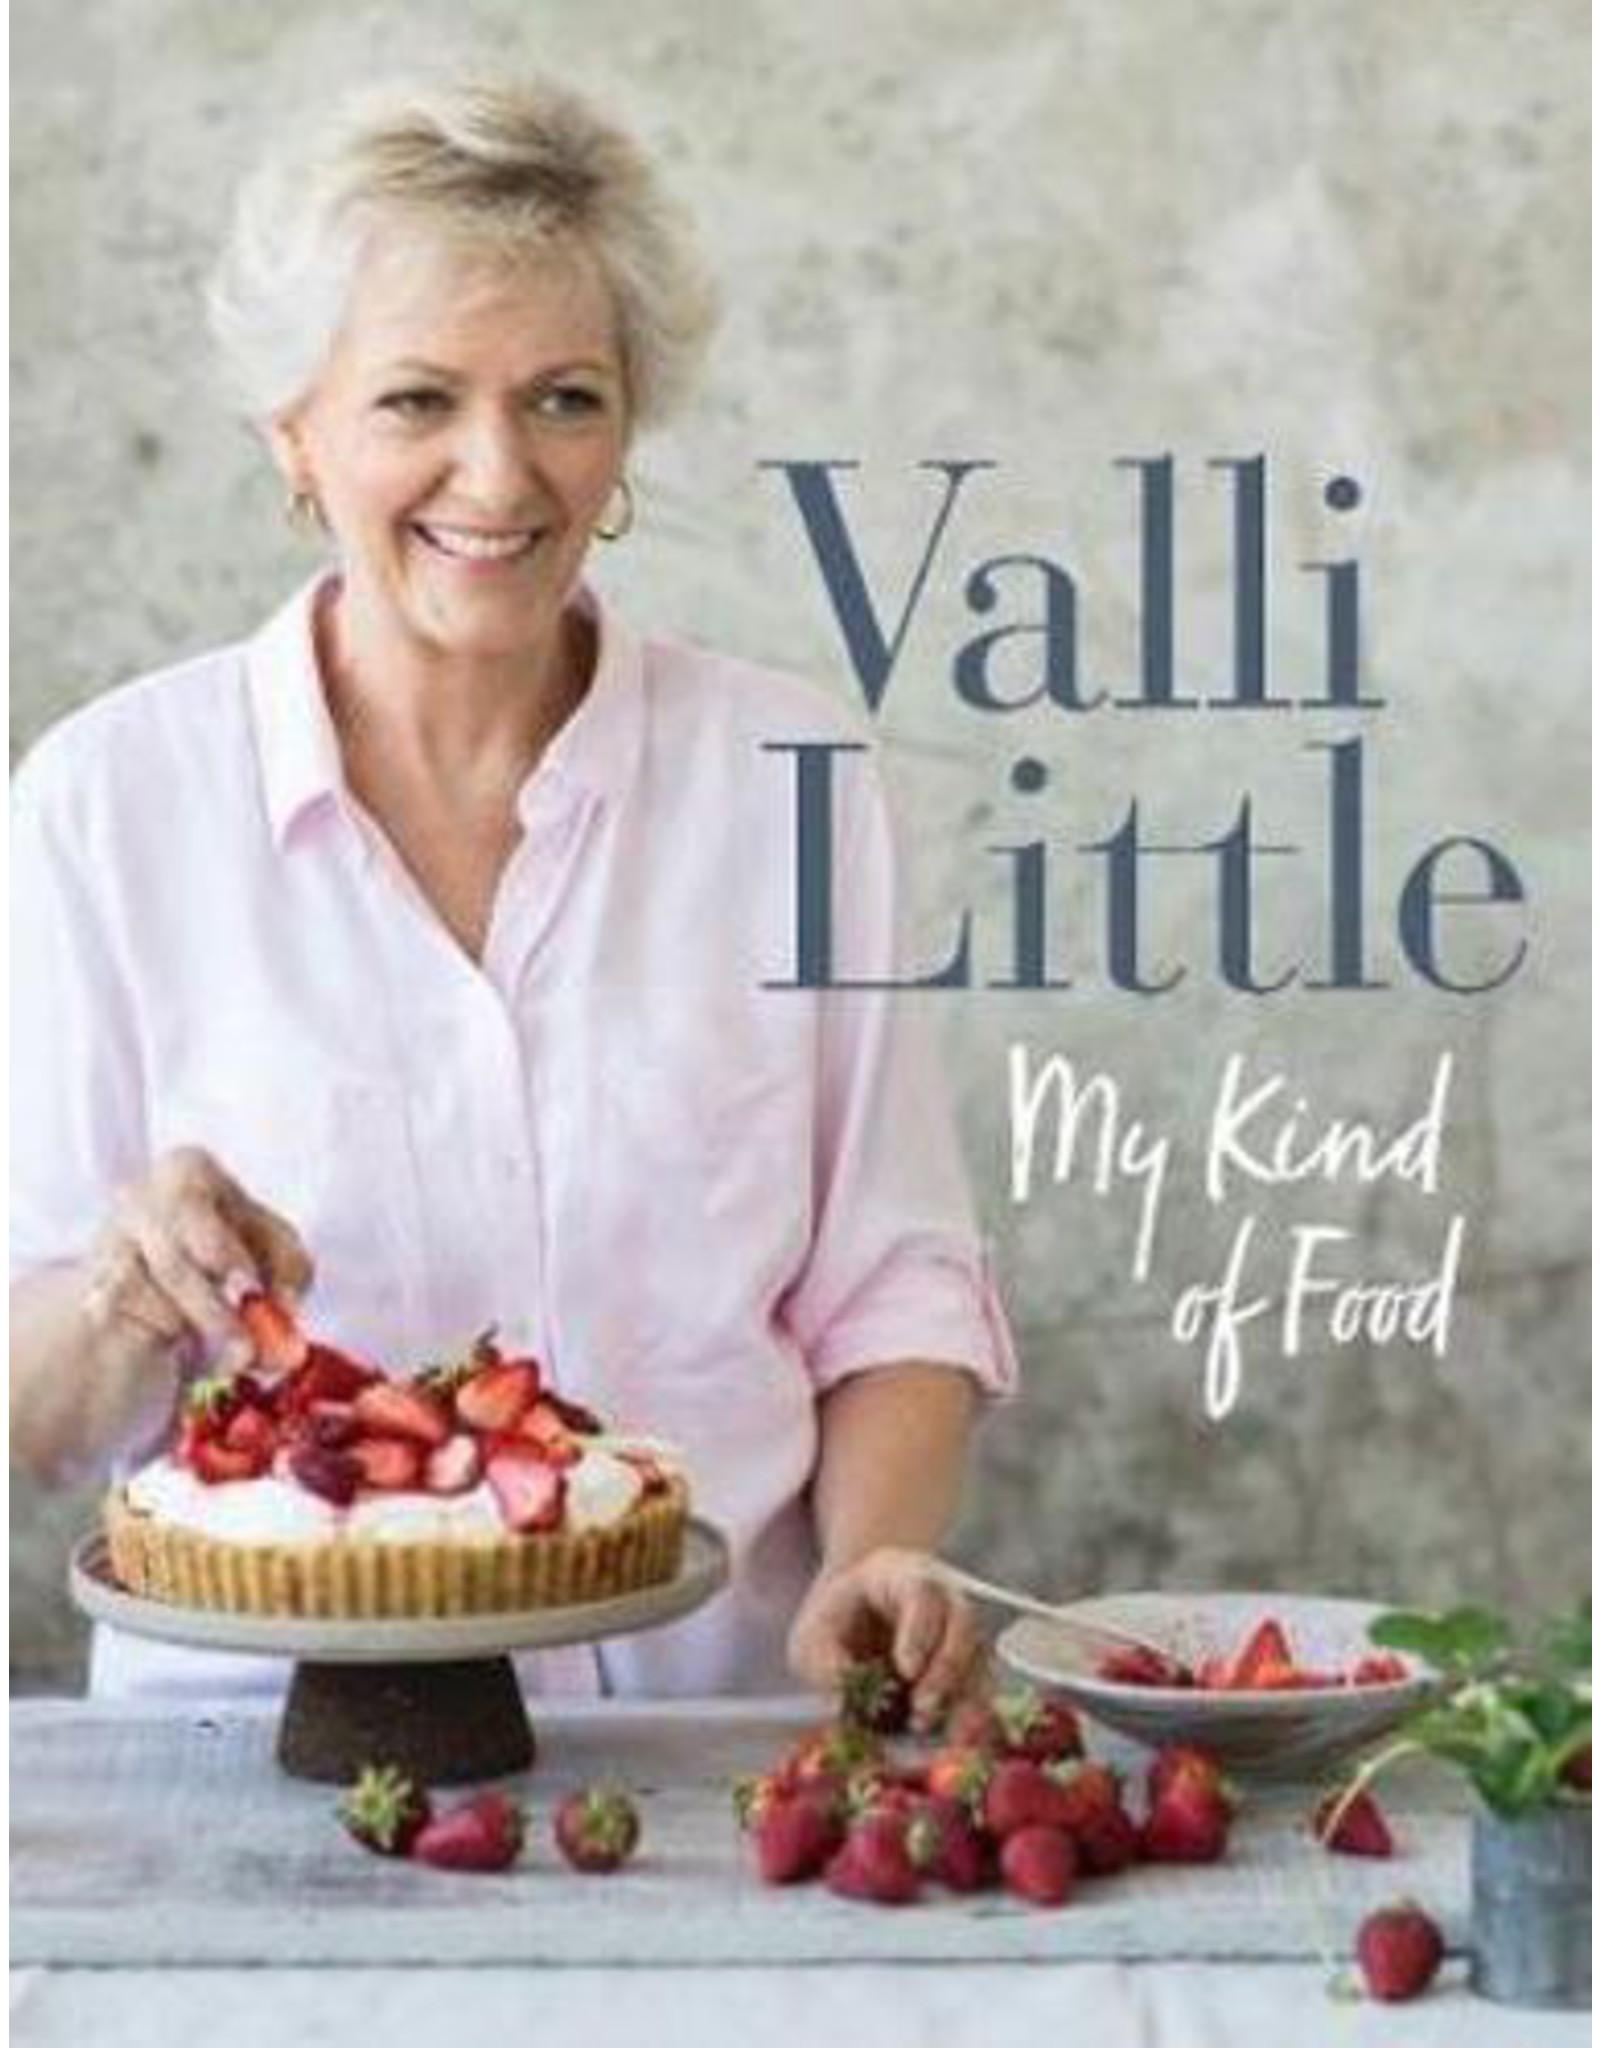 My Kind of Food - Valli Little